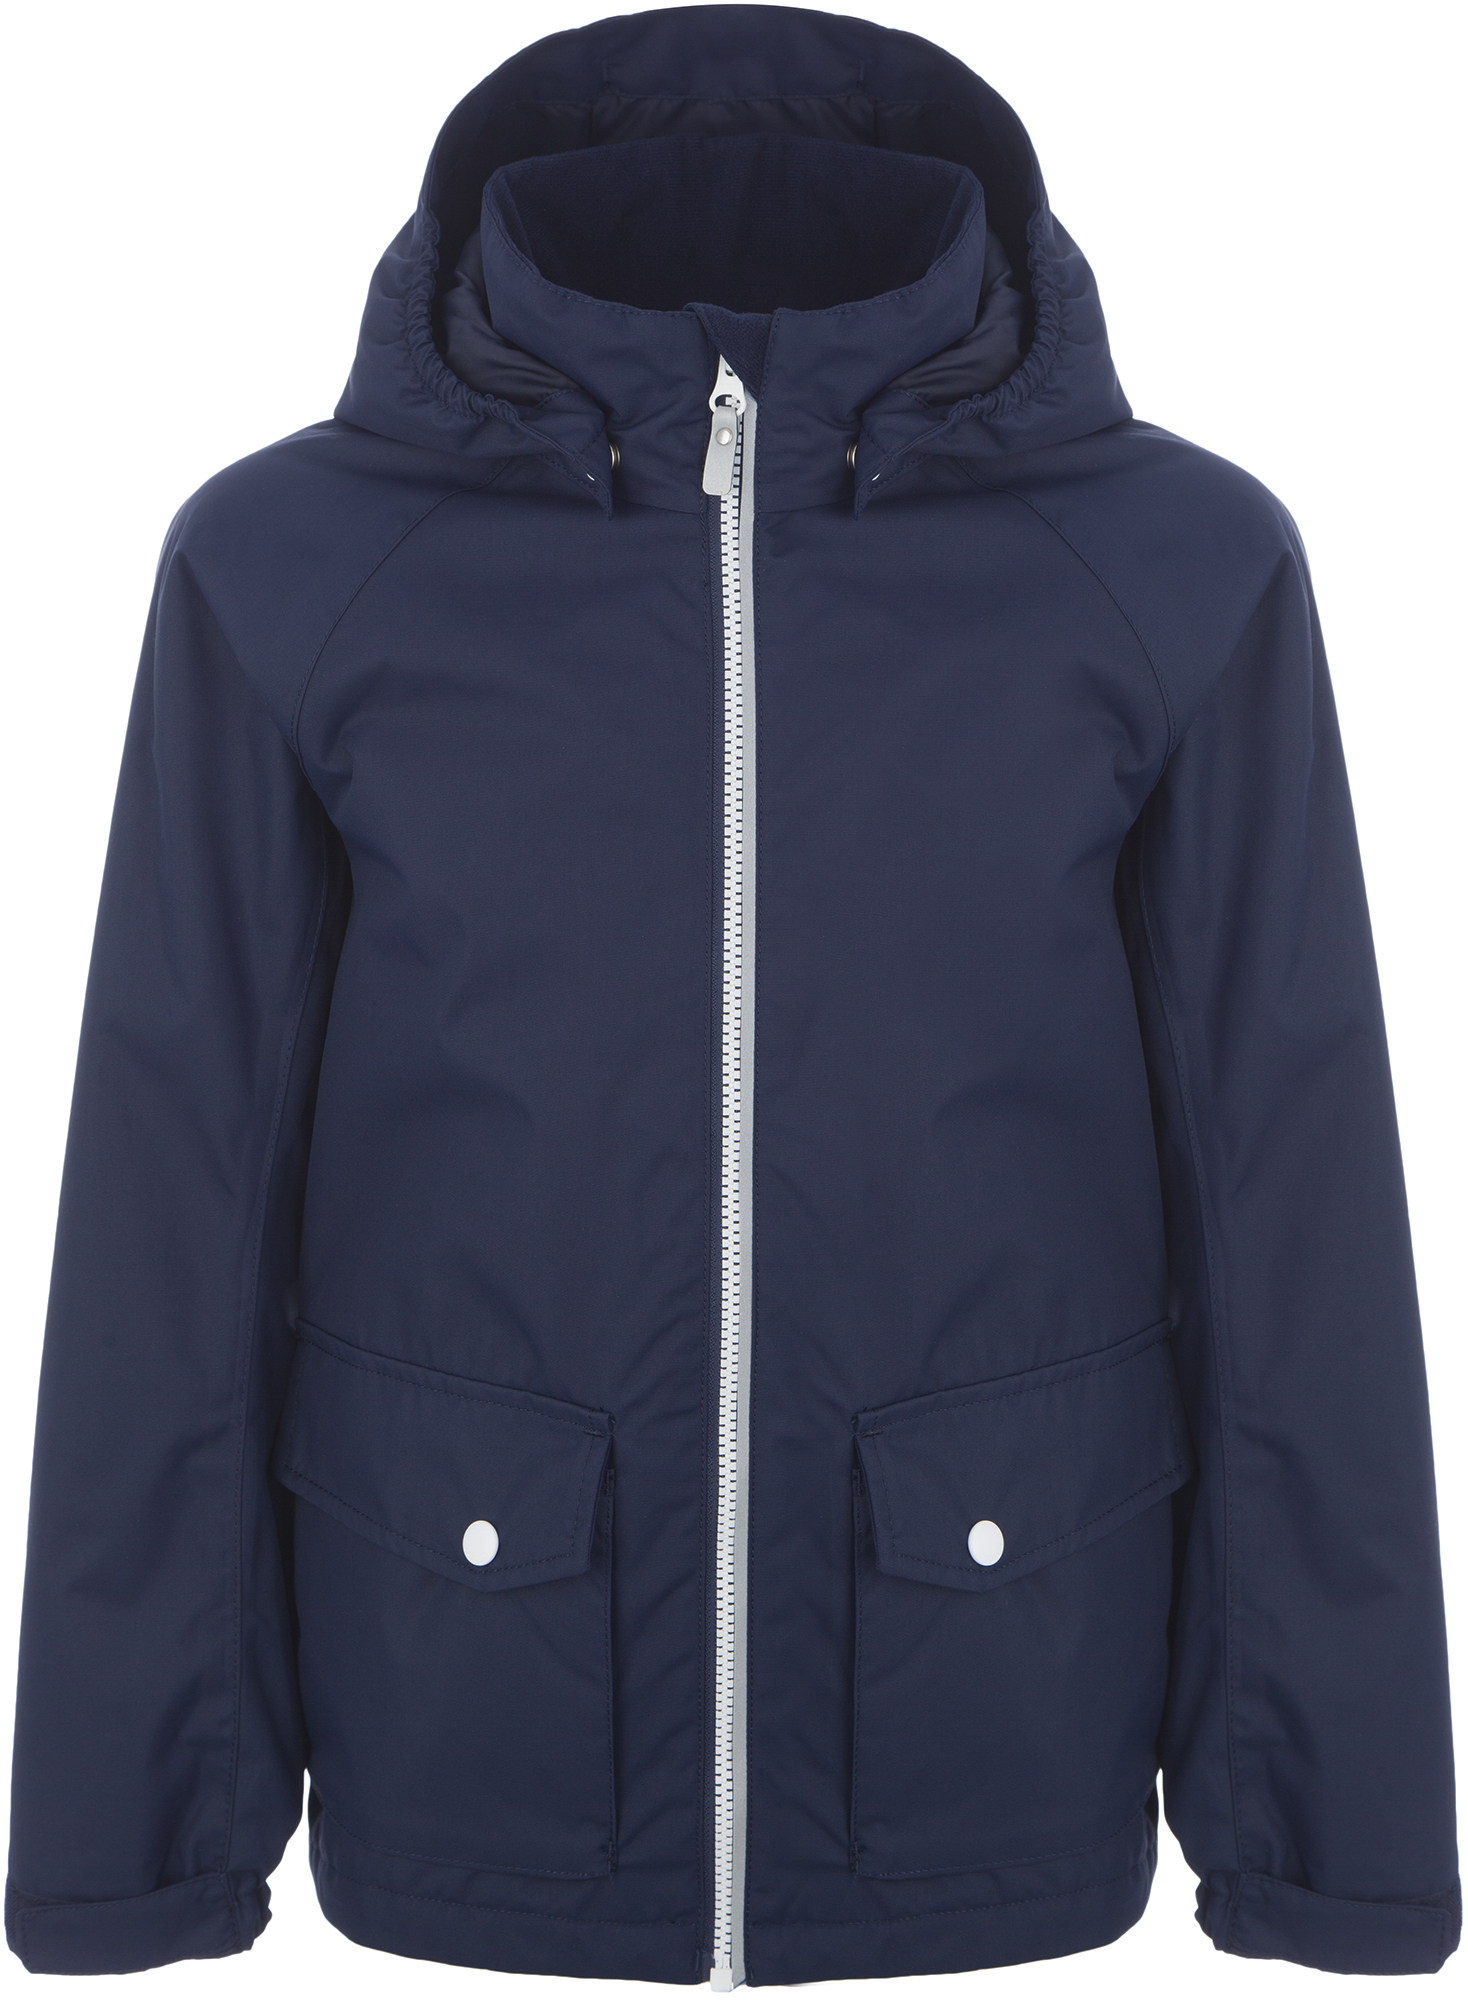 Reima Куртка утепленная для мальчиков Reima Knot, размер 146 цена